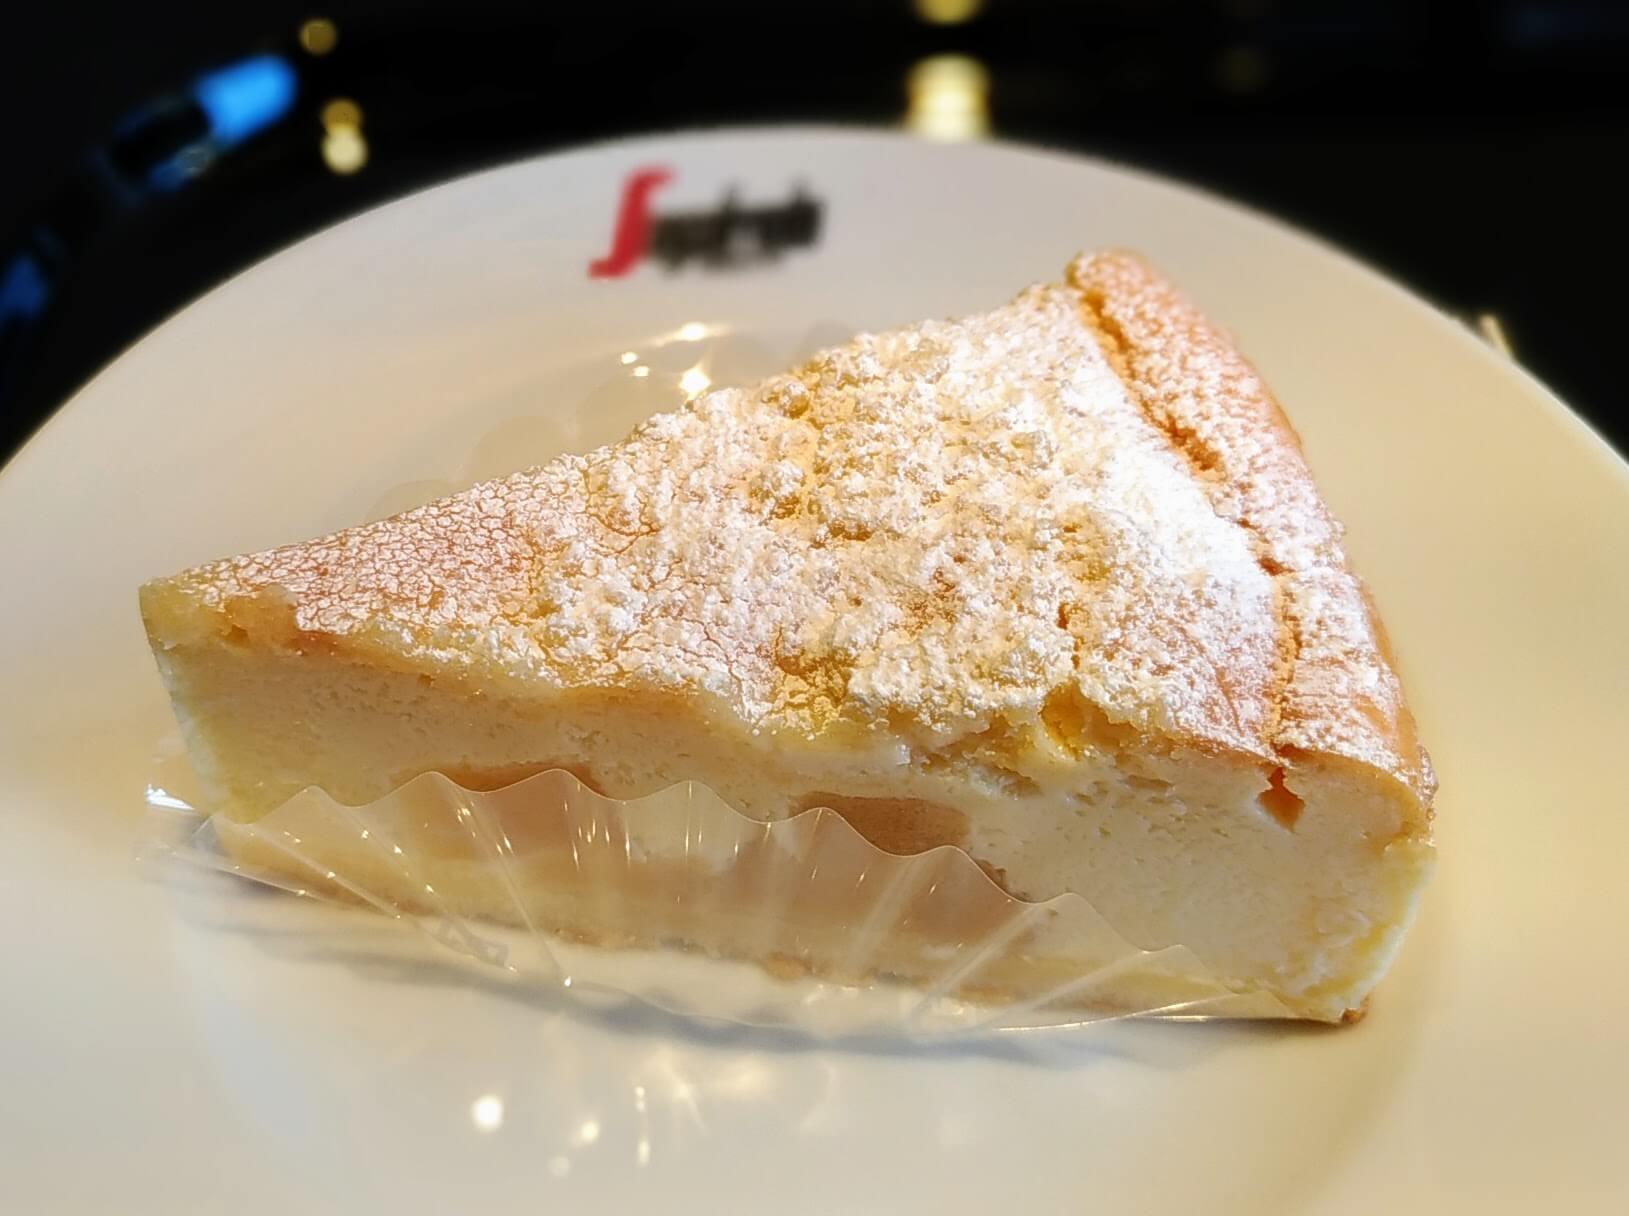 セガフレード・ザネッティ・エスプレッソ (9)リコッタチーズケーキ